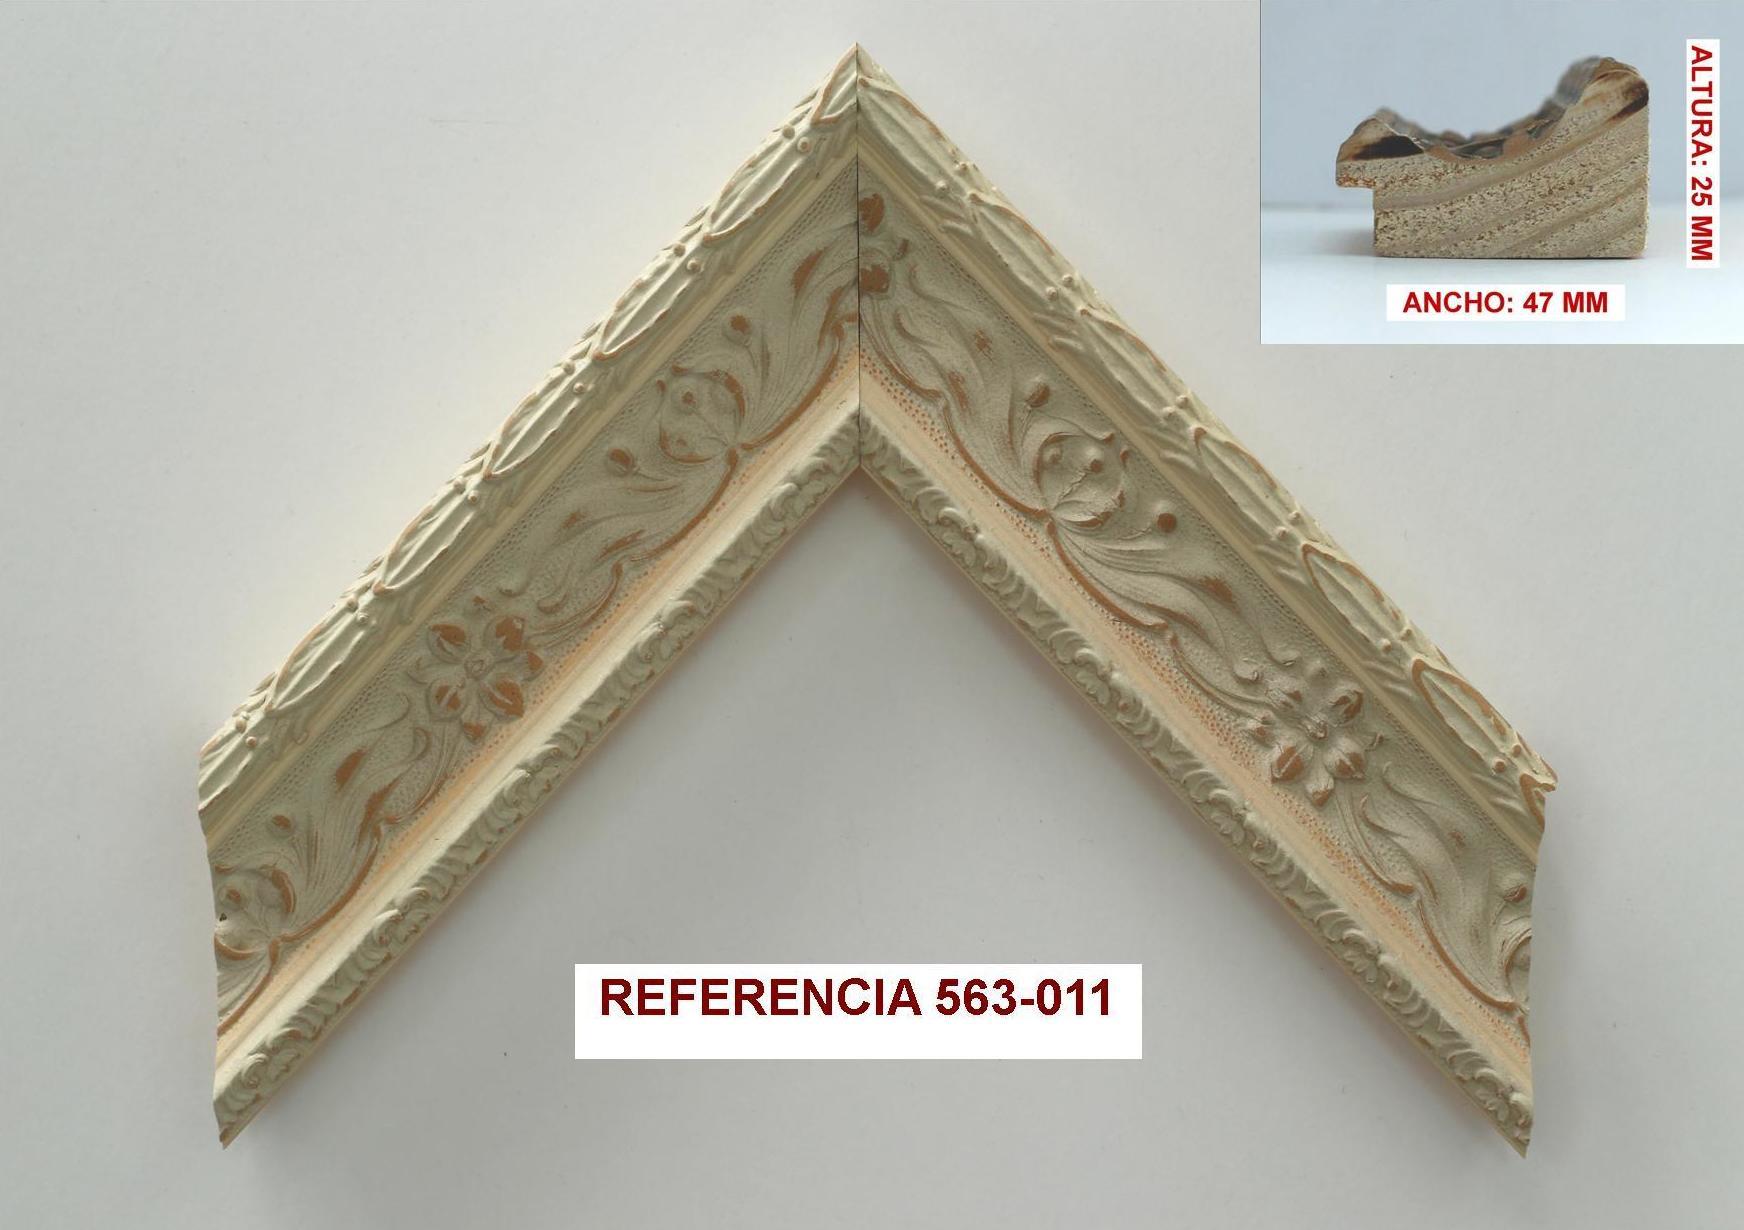 REF 563-011: Muestrario de Moldusevilla